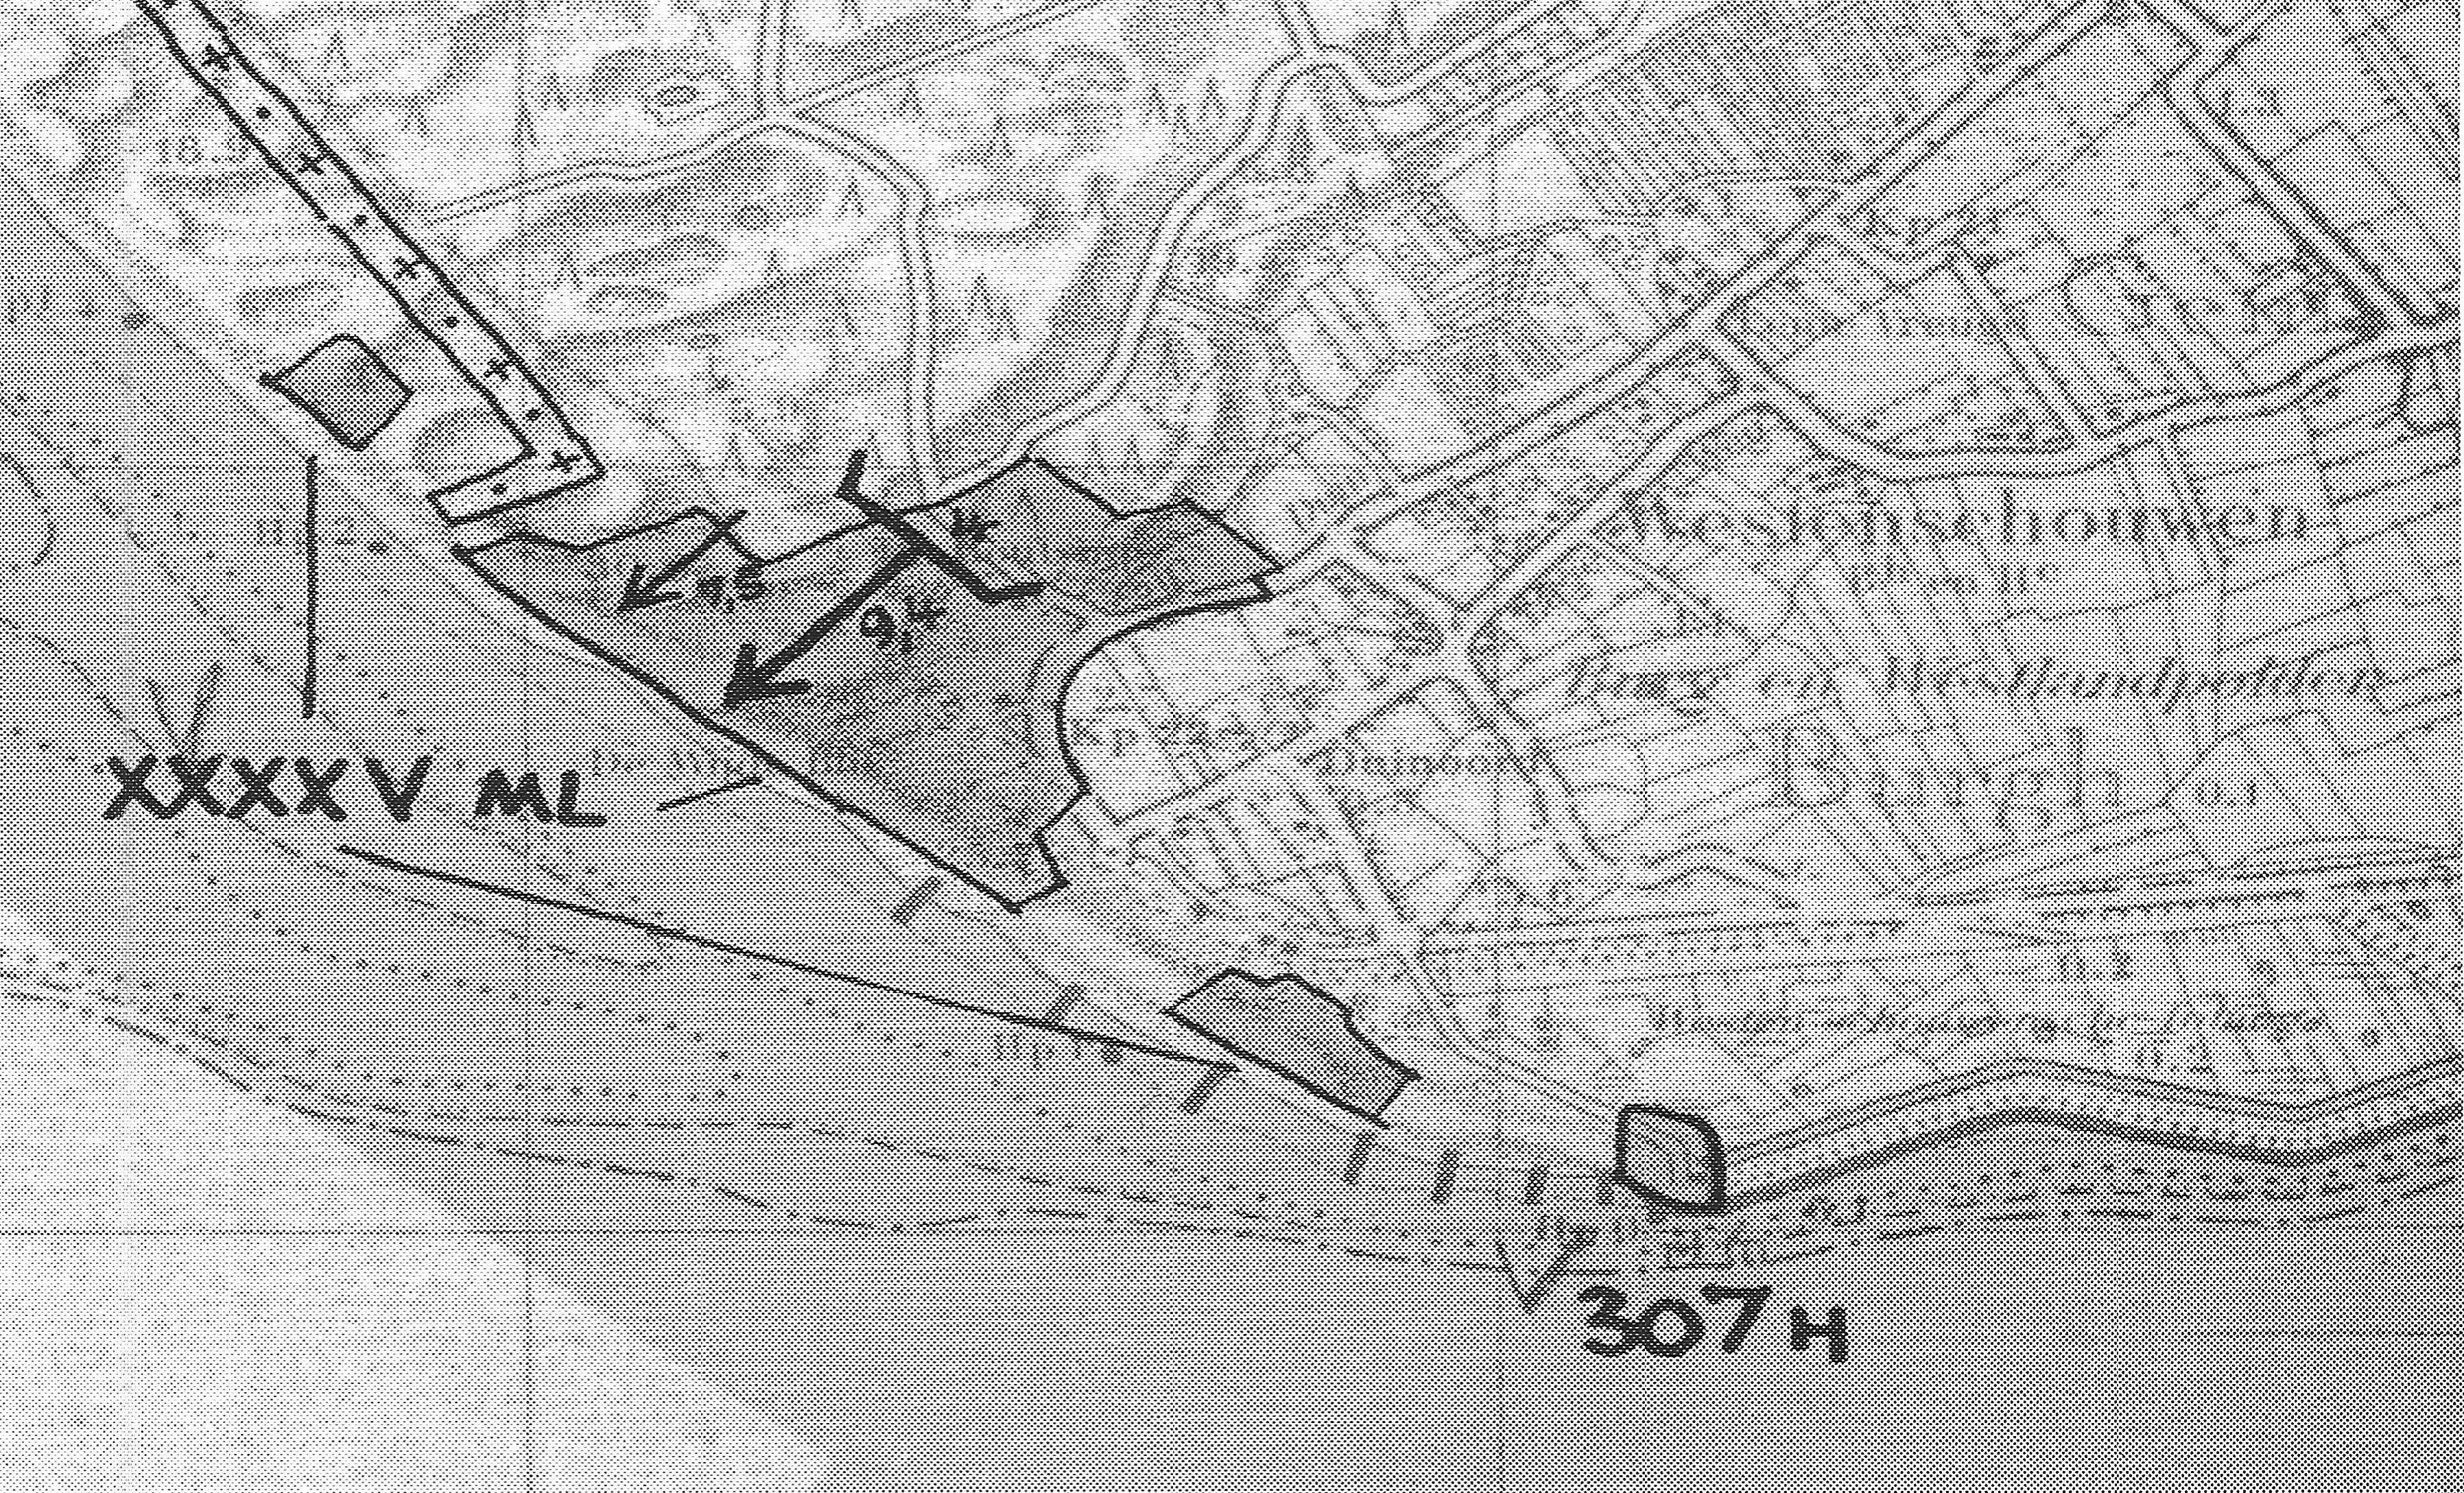 De batterij Westerschouwen, Stützpunkt XXXXV ML, werd gebouwd op de zuidwestelijke punt van het eiland. In het midden de centrale batterijstelling uitgerust met door de Duitsers buitgemaakte 9.4 cm Vickers Armstrong Kanons uit Engeland. Westelijk langs de kust is het mijnenveld ingetekend. (Kaart: Museum de Burghse Schoole)